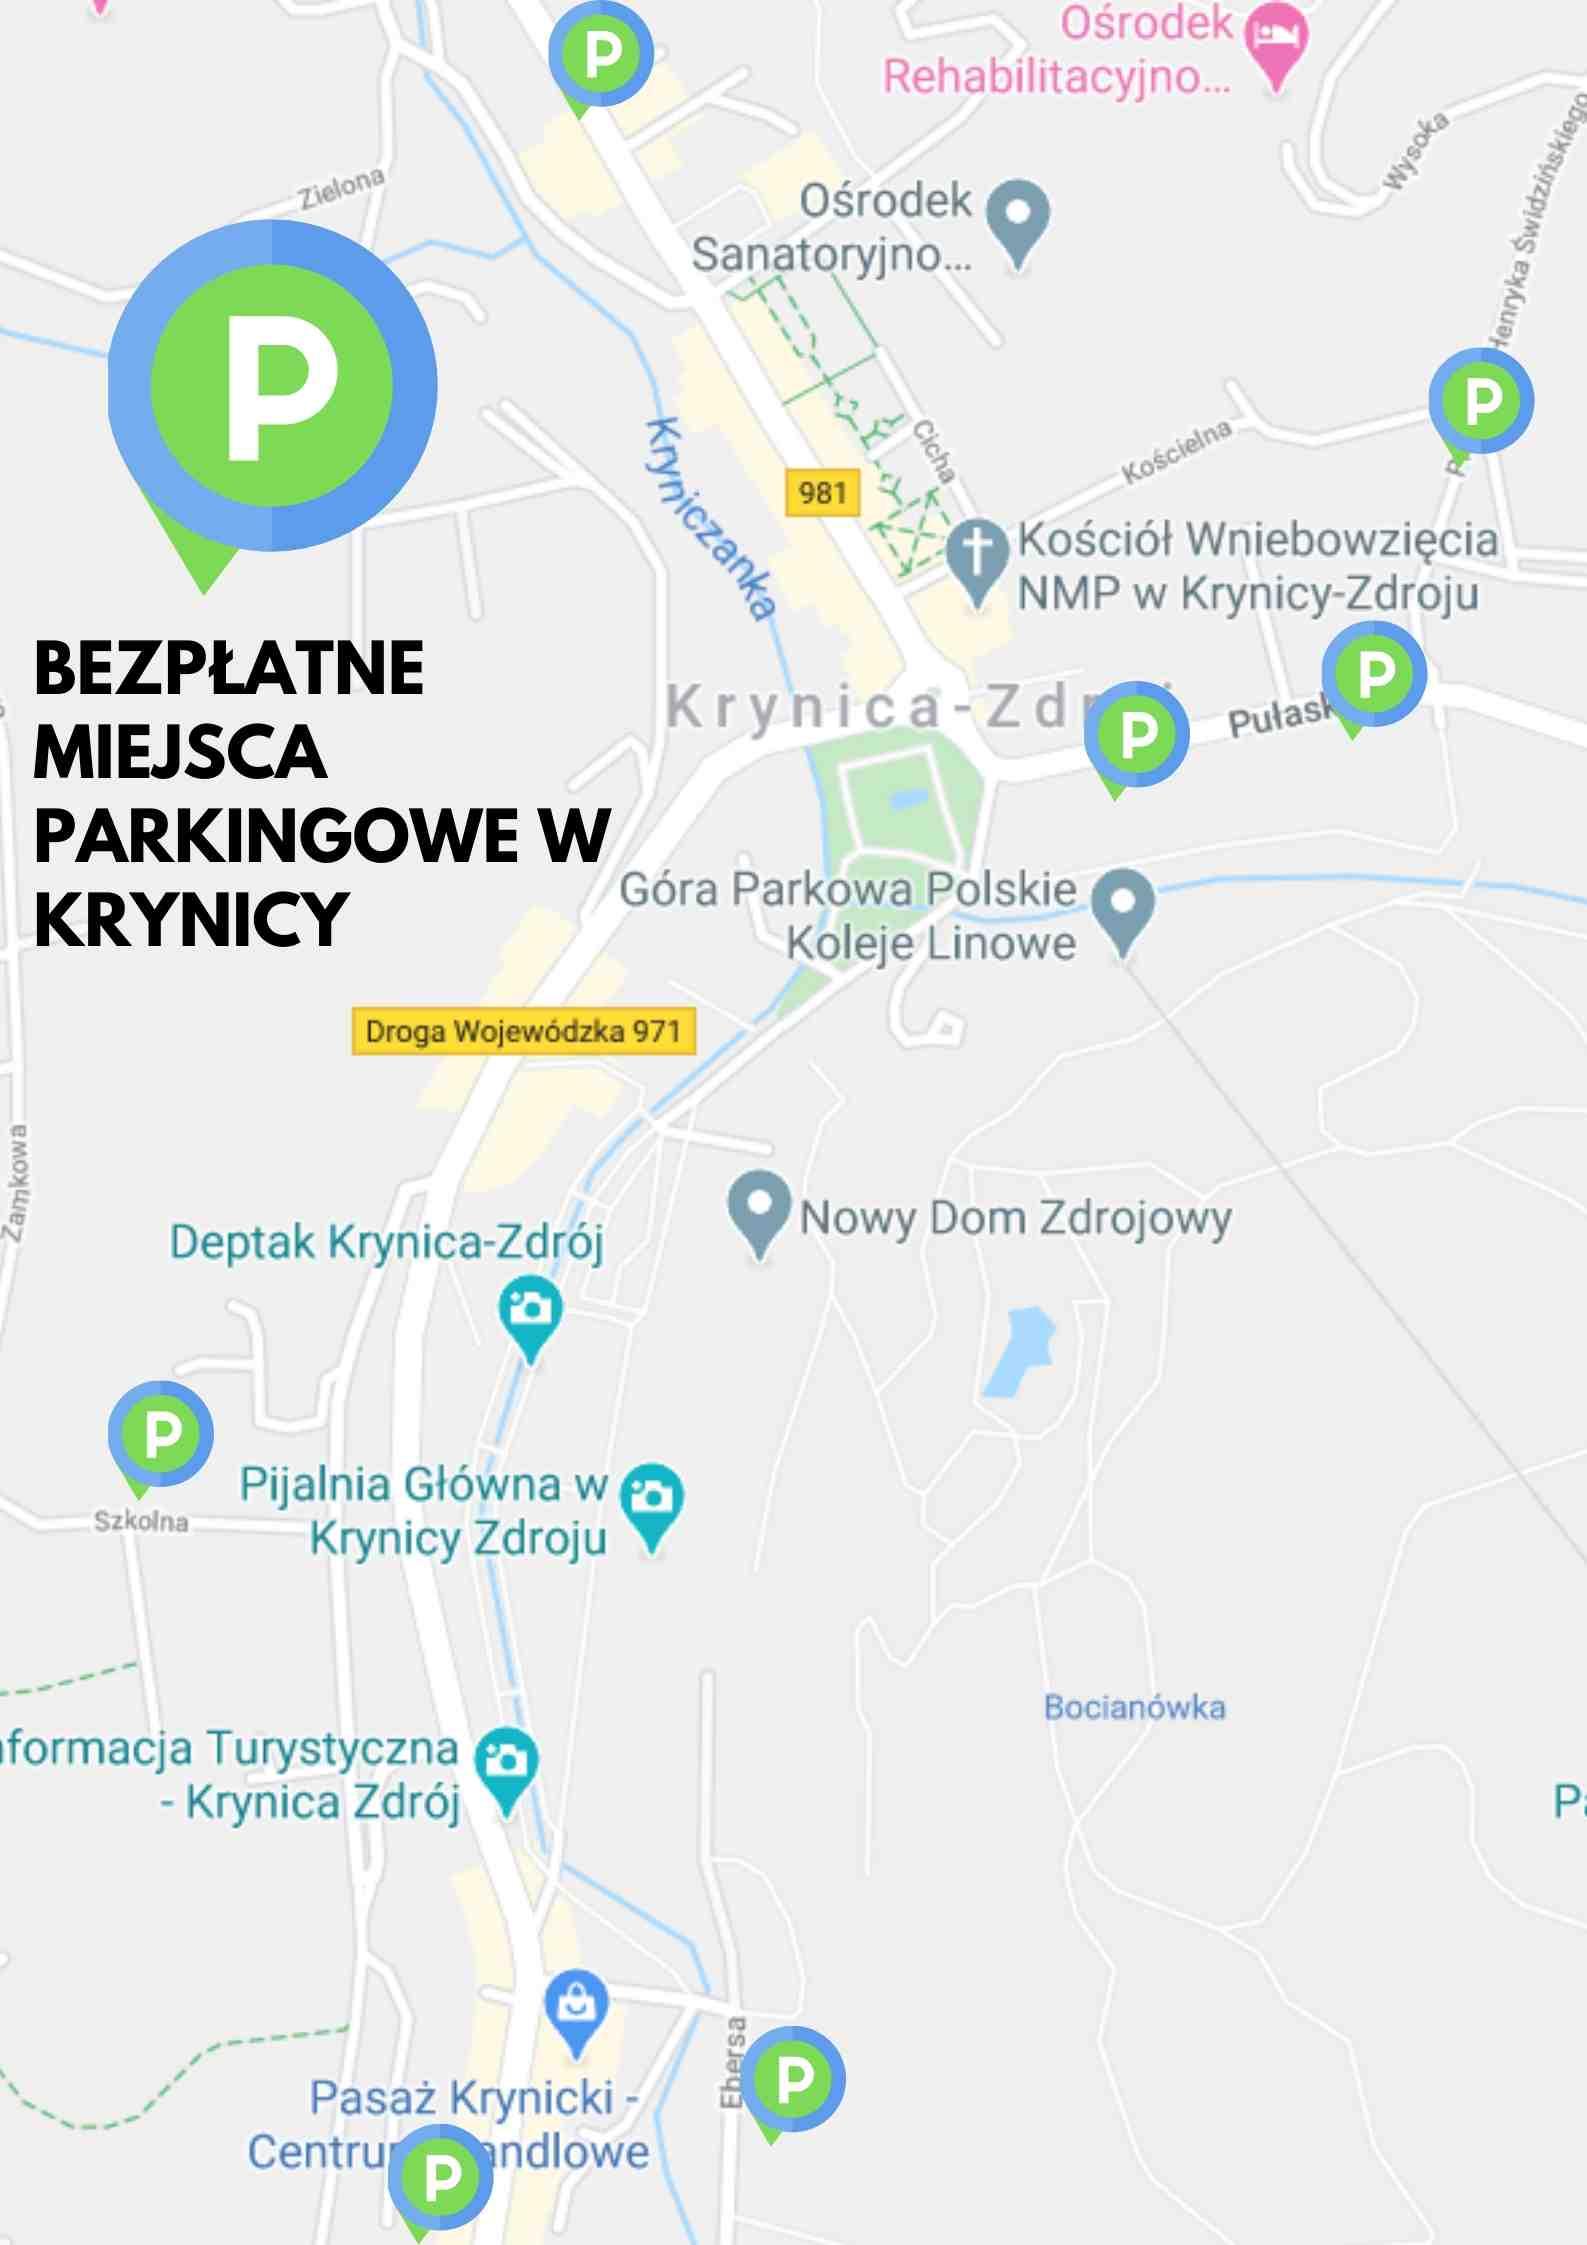 Krynica-Zdrój, parkingi bezpłatne